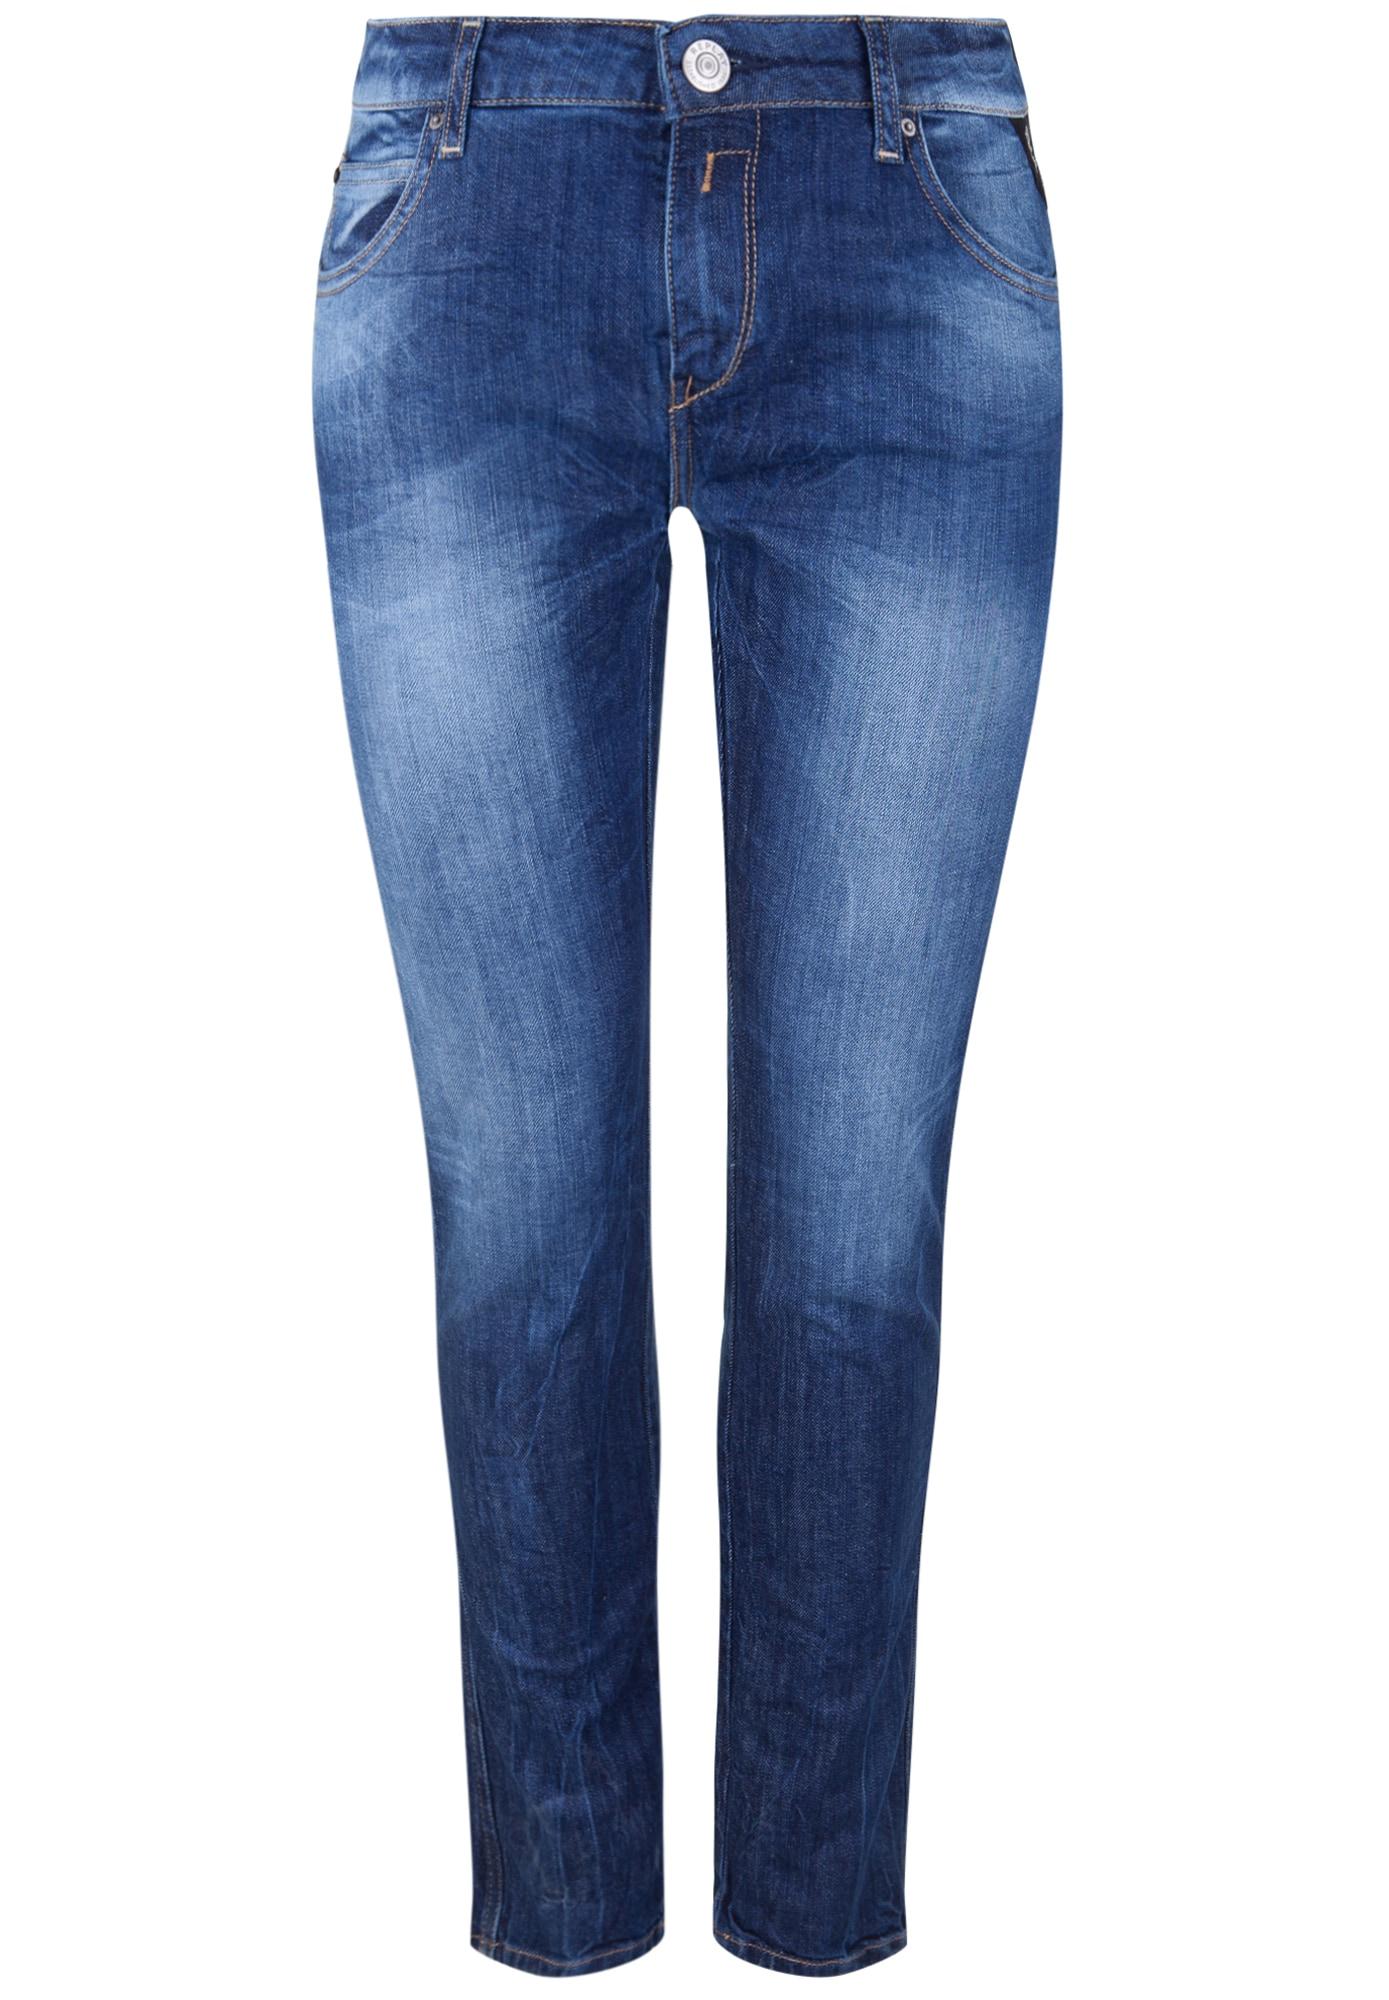 REPLAY Dames Jeans KATEWIN COMFORT DENIM blue denim